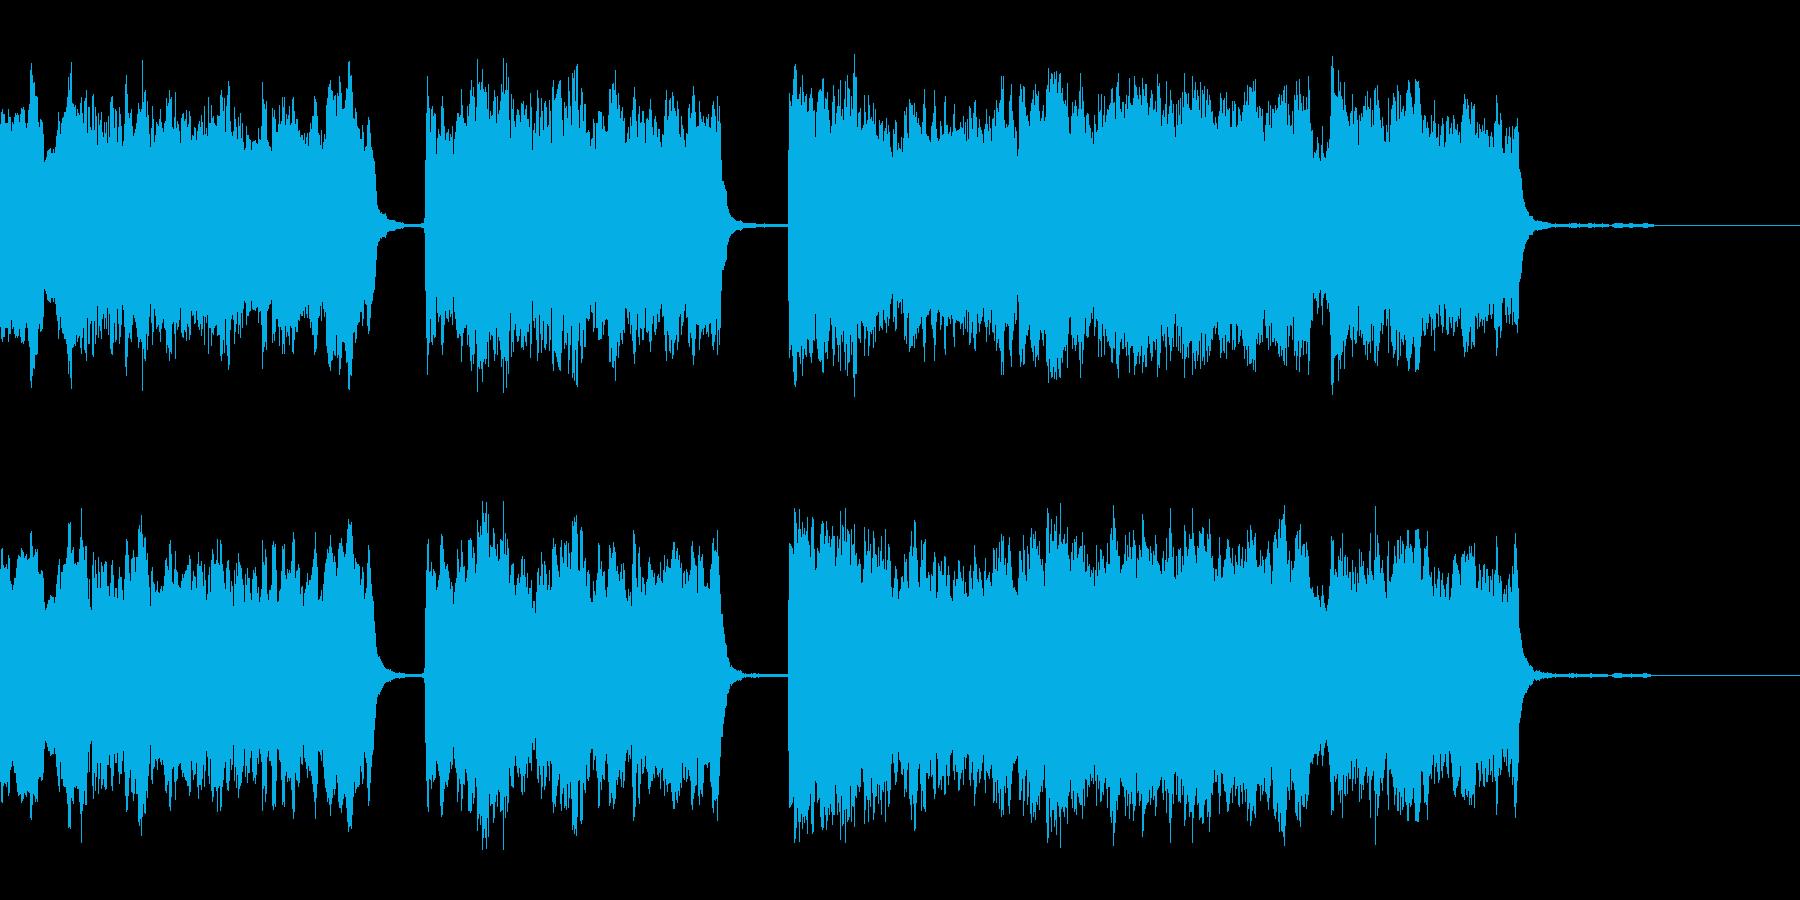 ハーディガーディ弾語りの短い民族風BGMの再生済みの波形